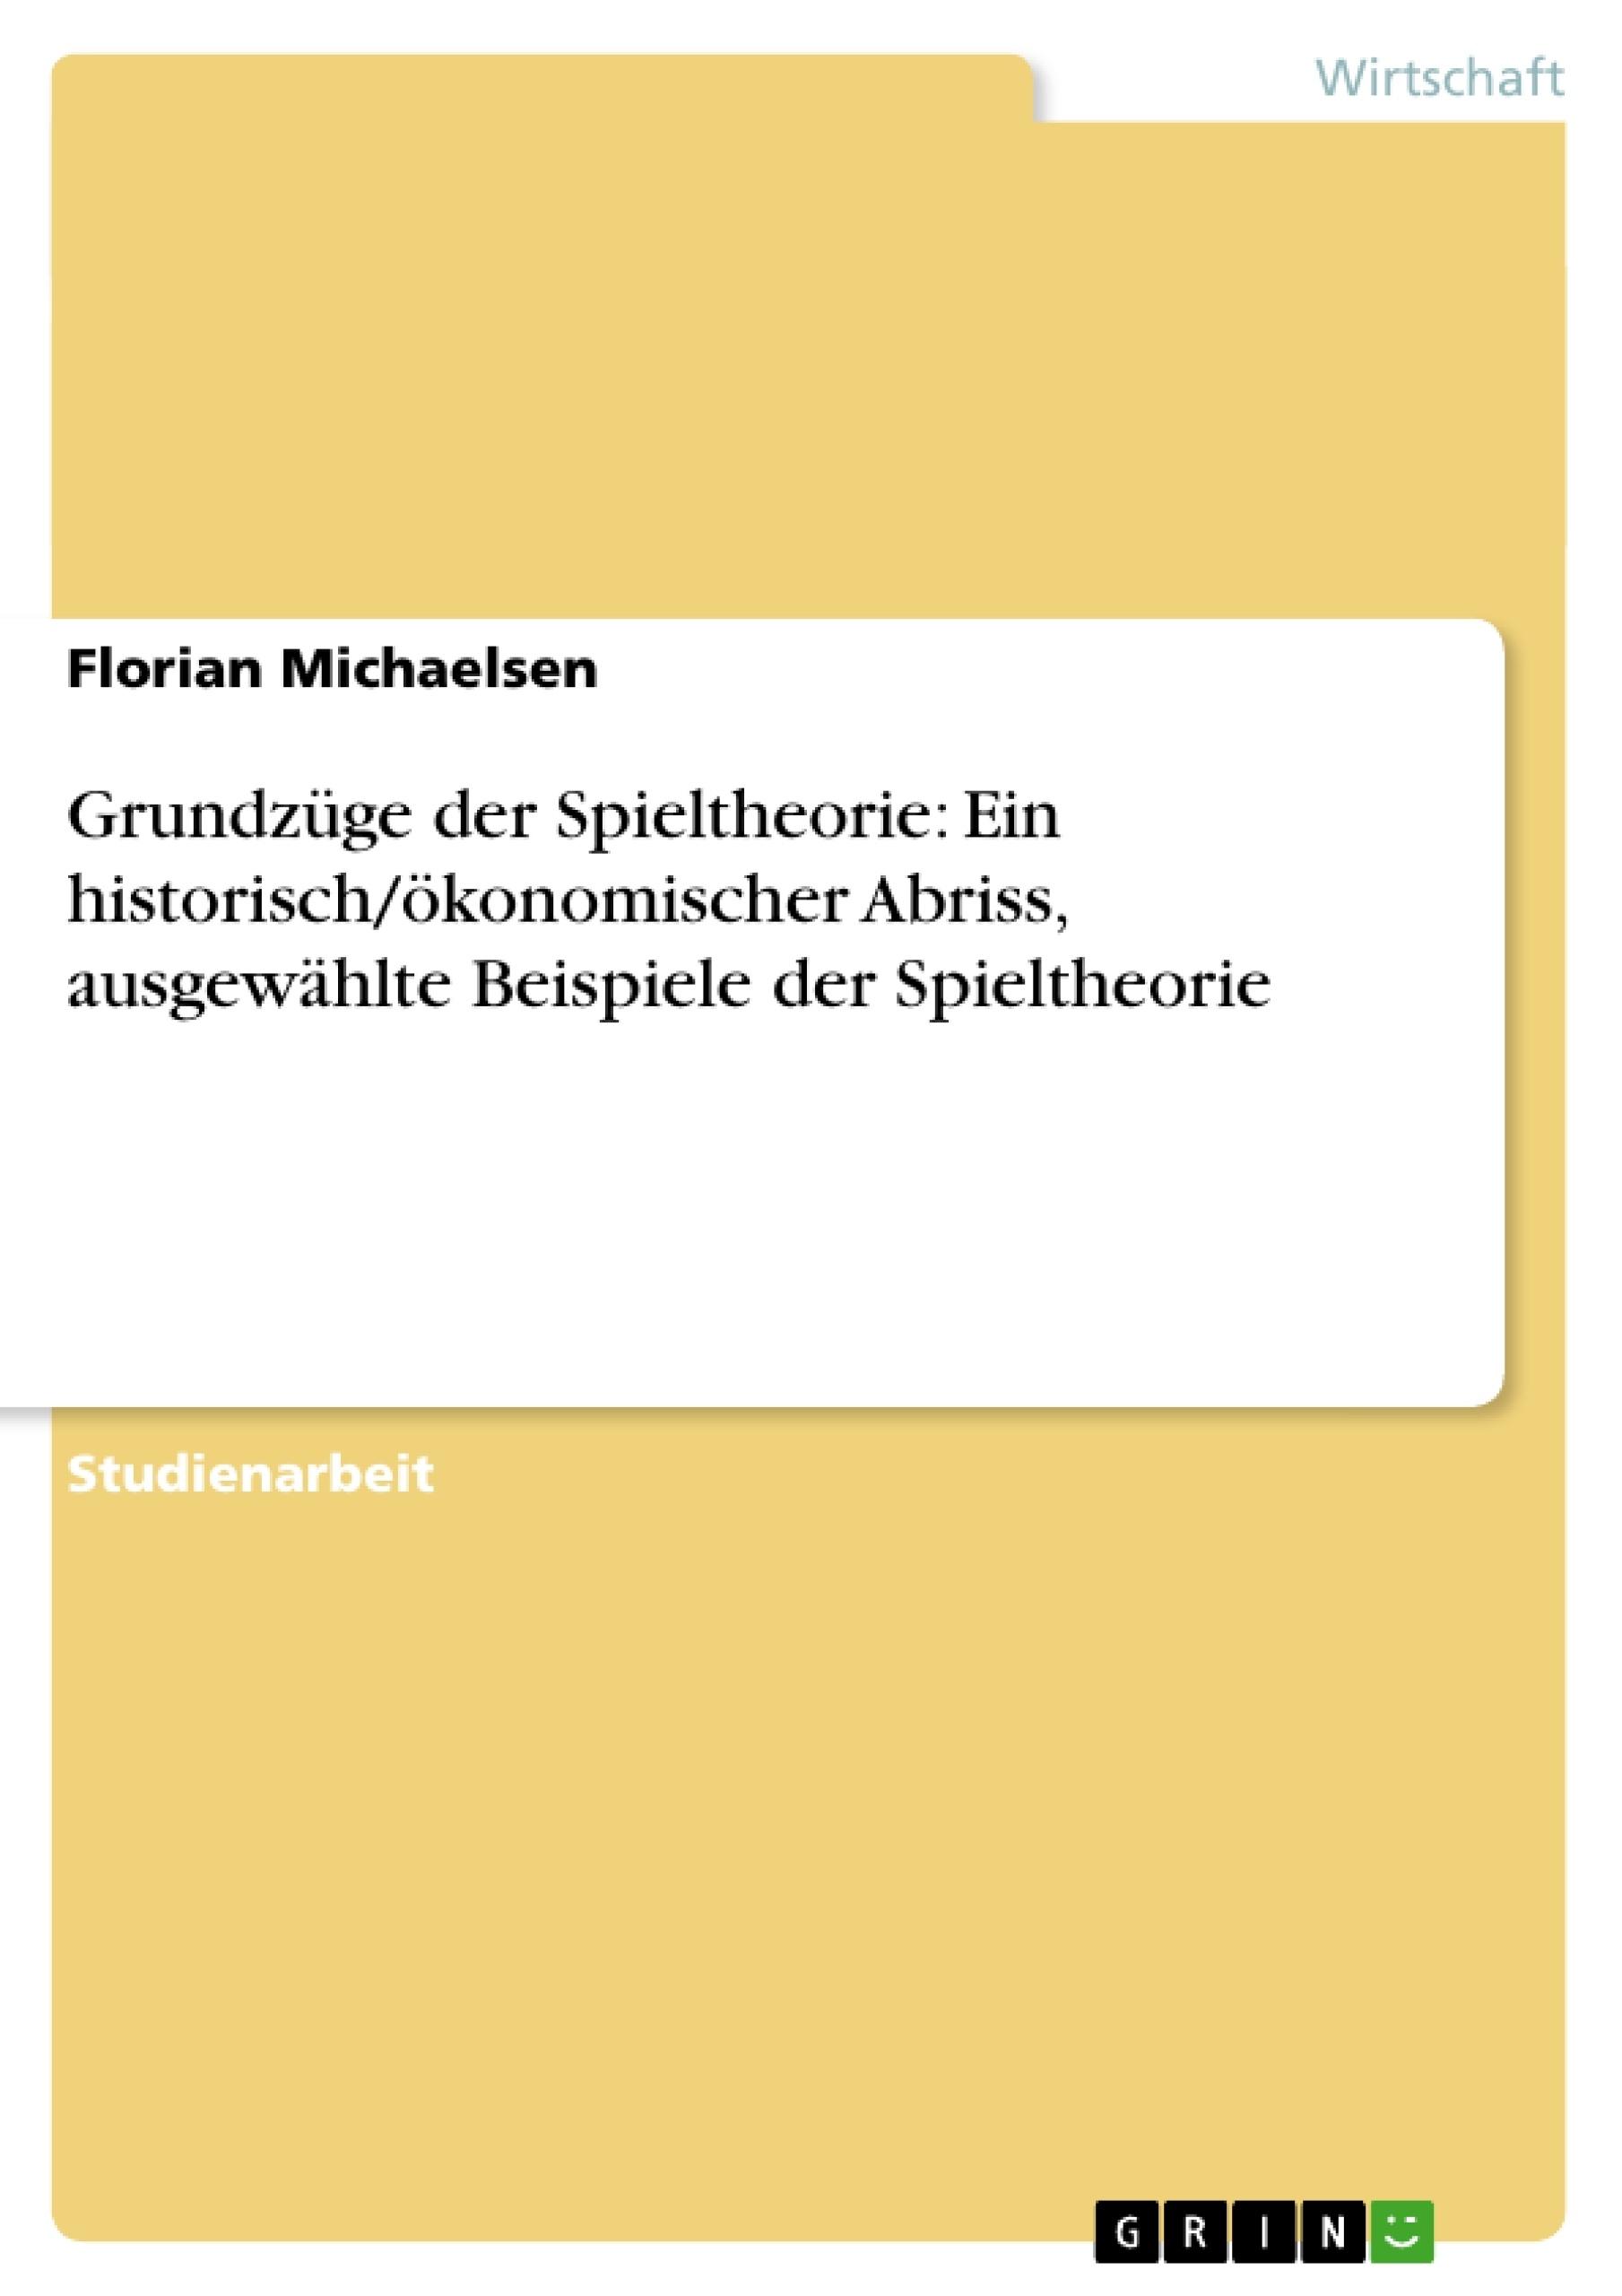 Titel: Grundzüge der Spieltheorie: Ein historisch/ökonomischer Abriss, ausgewählte Beispiele der Spieltheorie